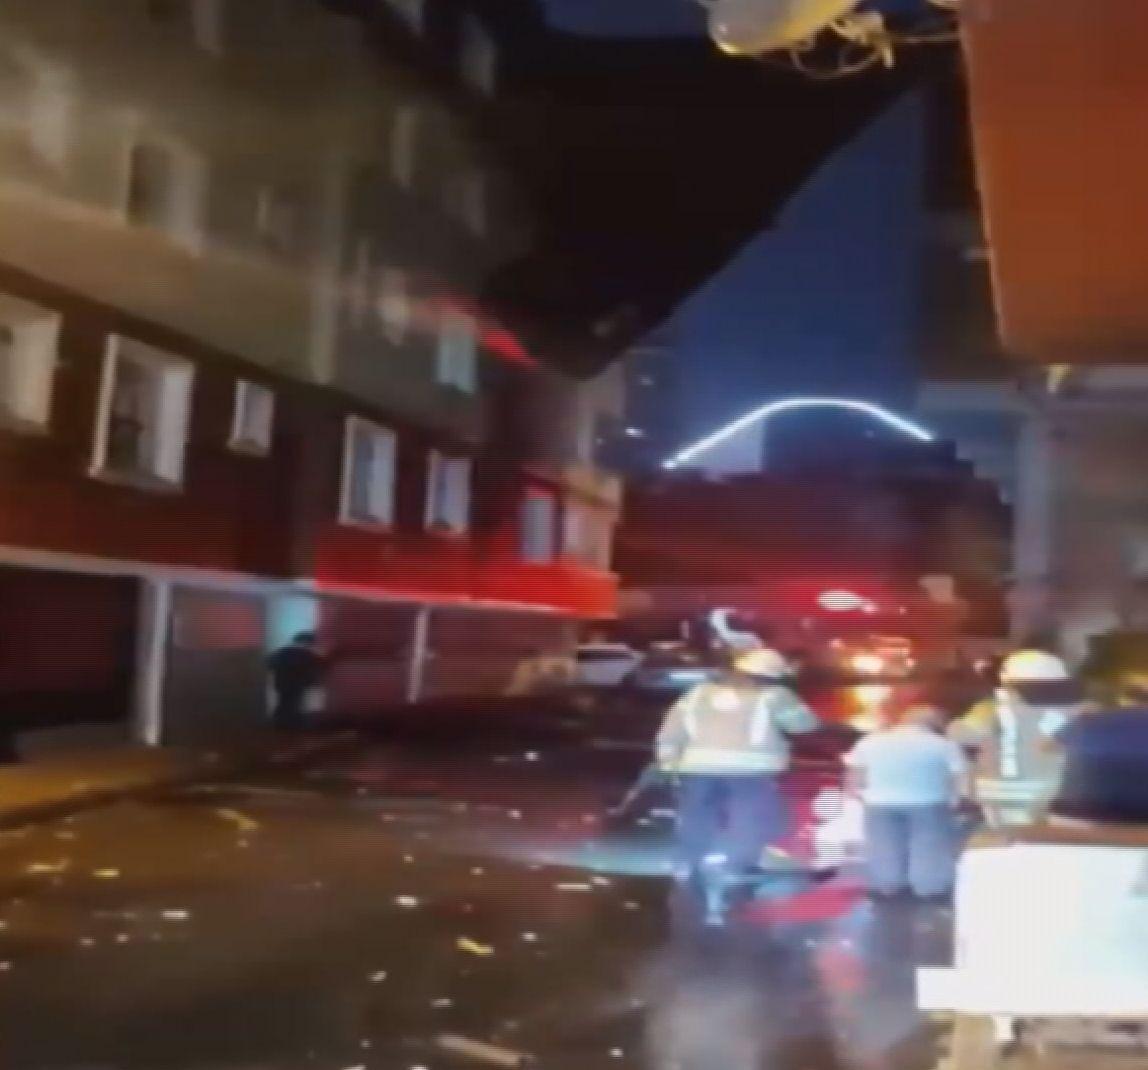 İstanbul'da birçok noktaya yıldırım düştü! 1 kişi yaralandı! - Sayfa 2